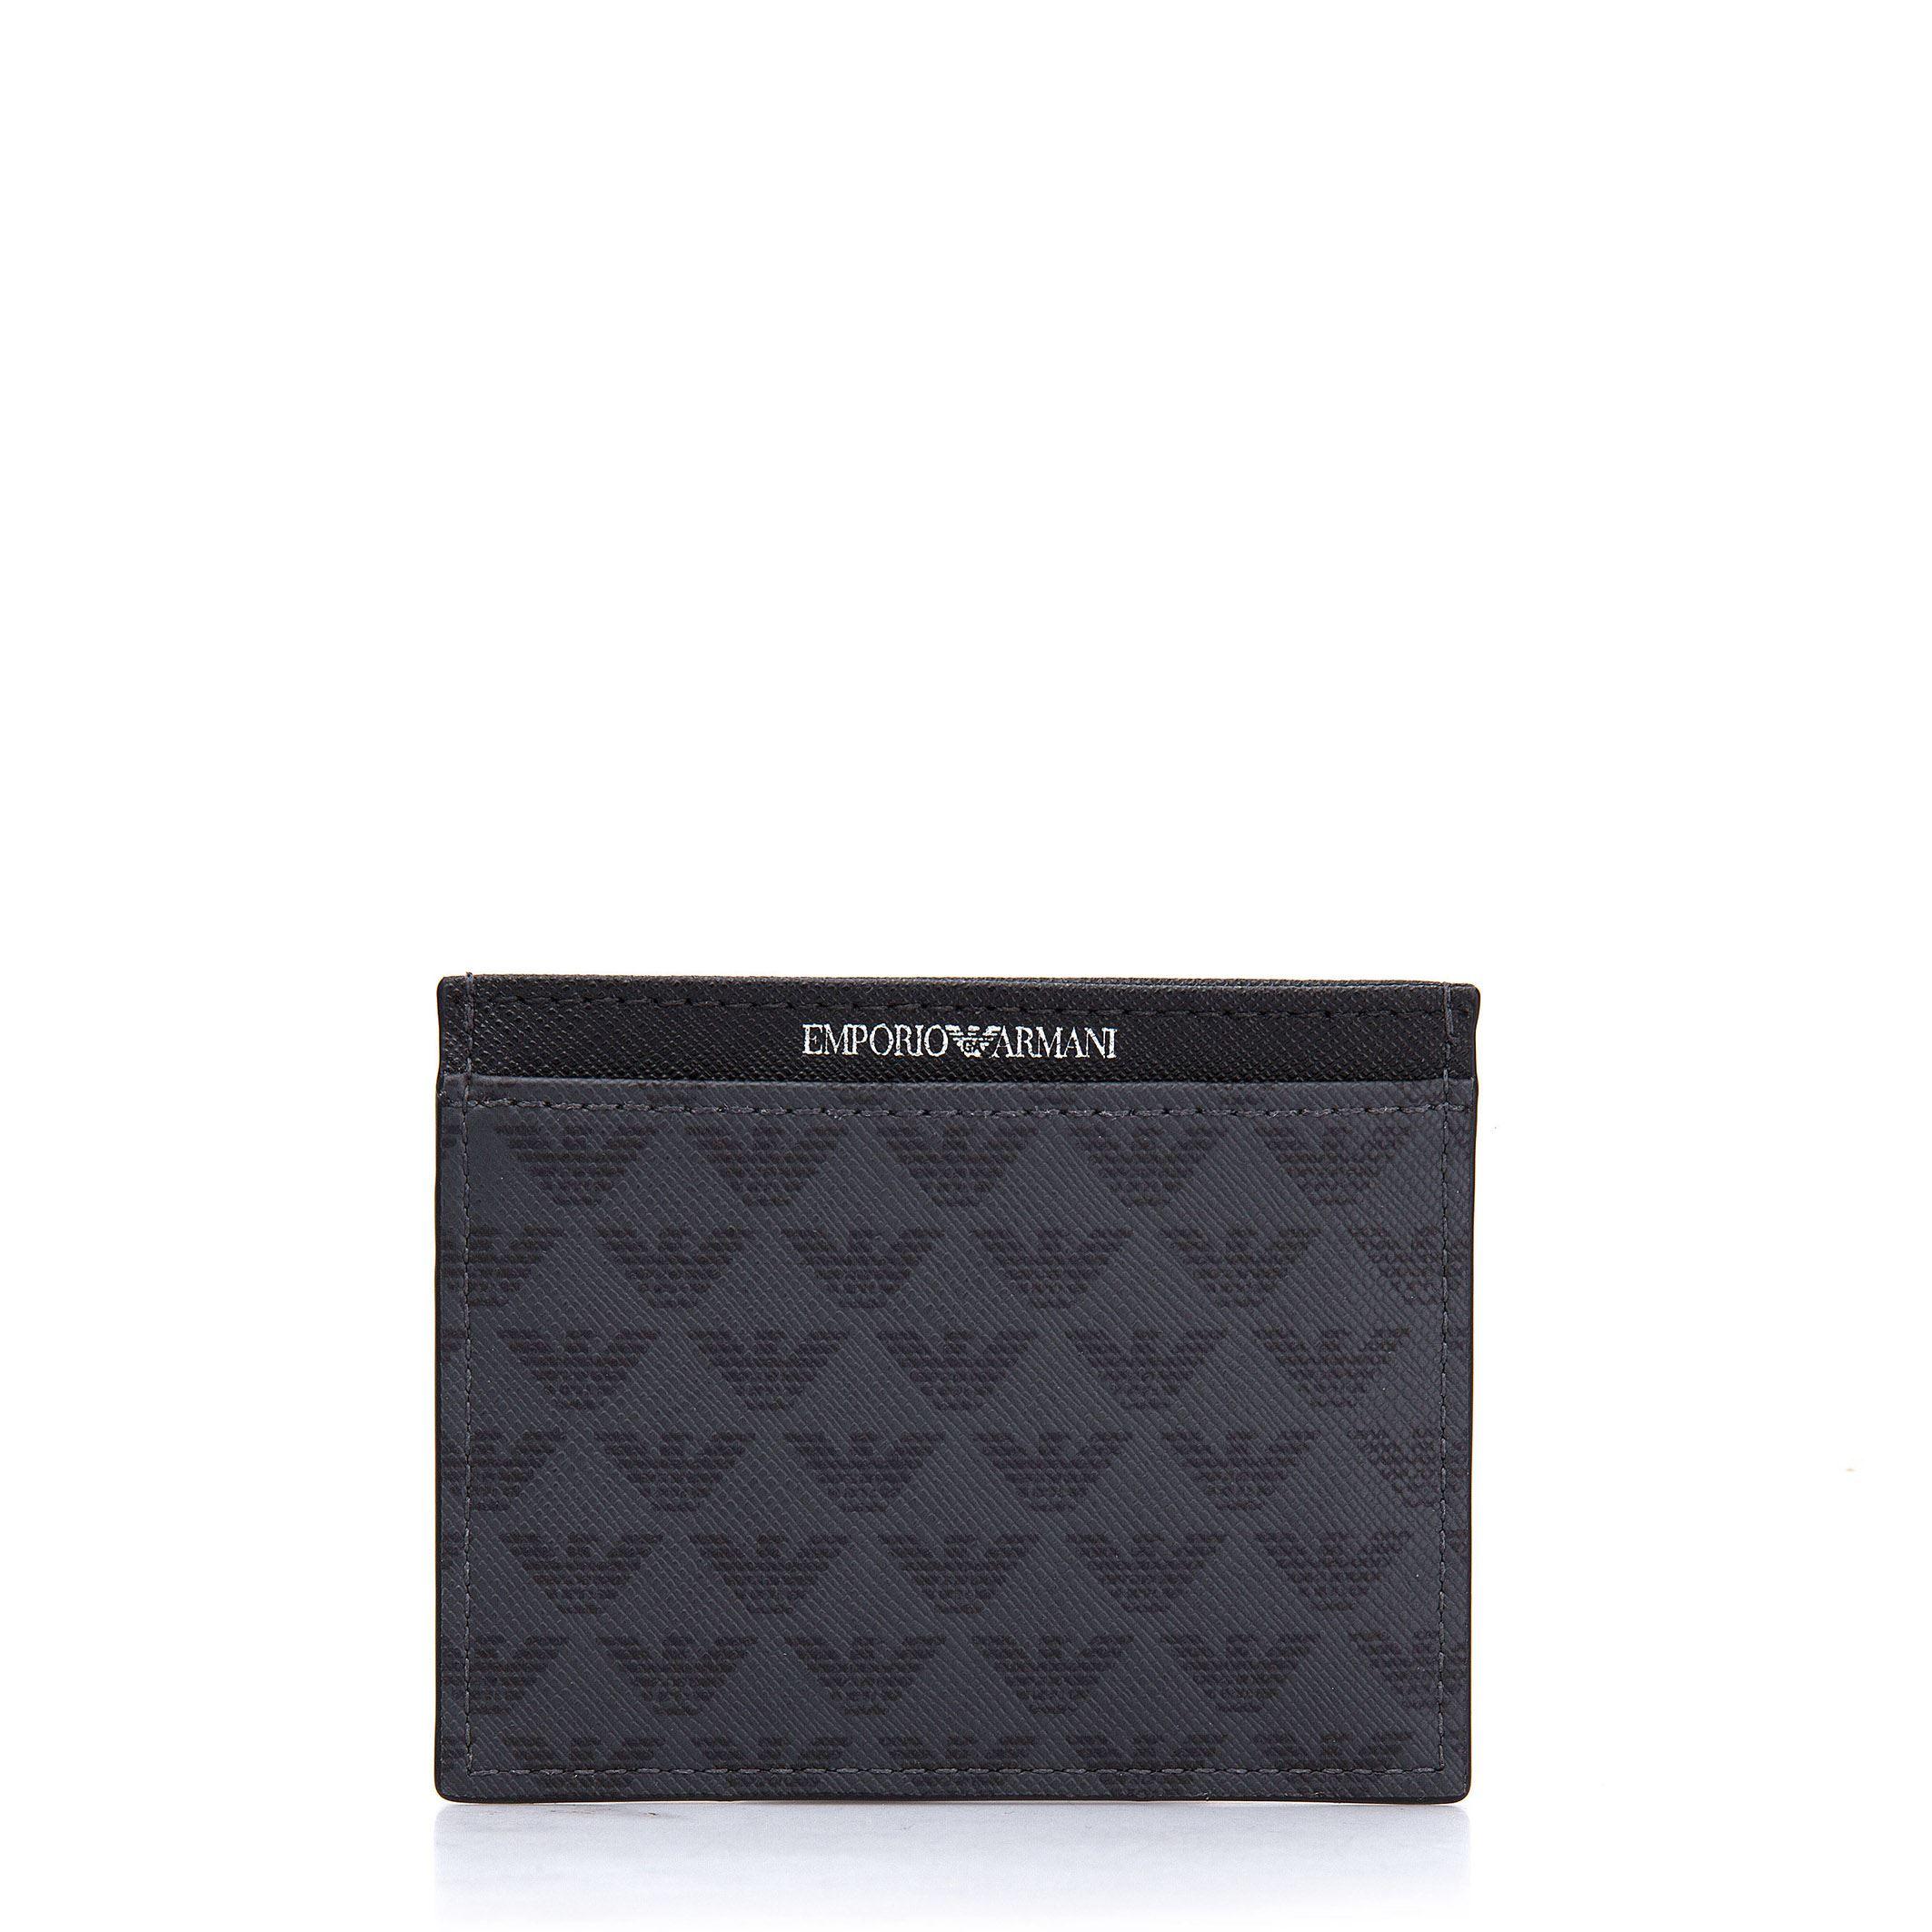 95e52f6a79 Emporio Armani Men s Black Wallet Credit Card Holder 8054523977884 ...